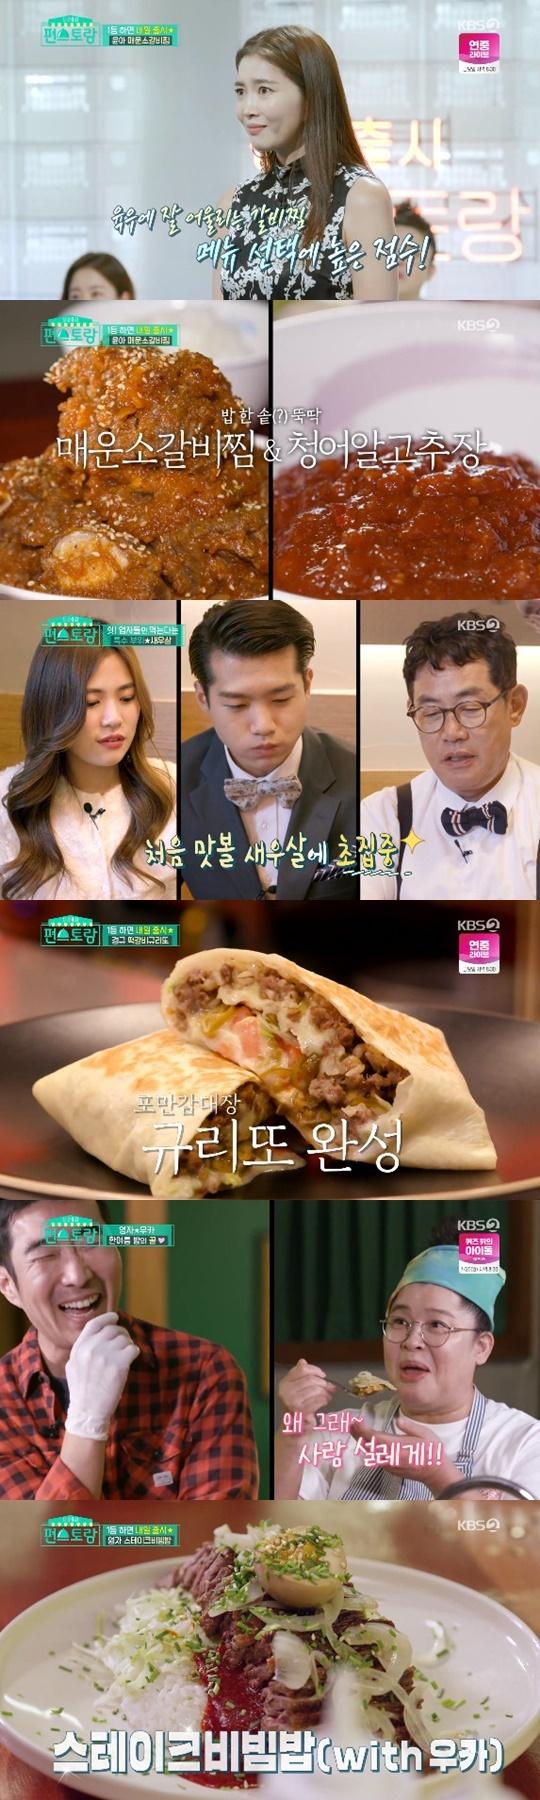 '편스토랑' 이경규, 육우 떡갈비 부리토로 '우승'…4관왕 등극(종합)